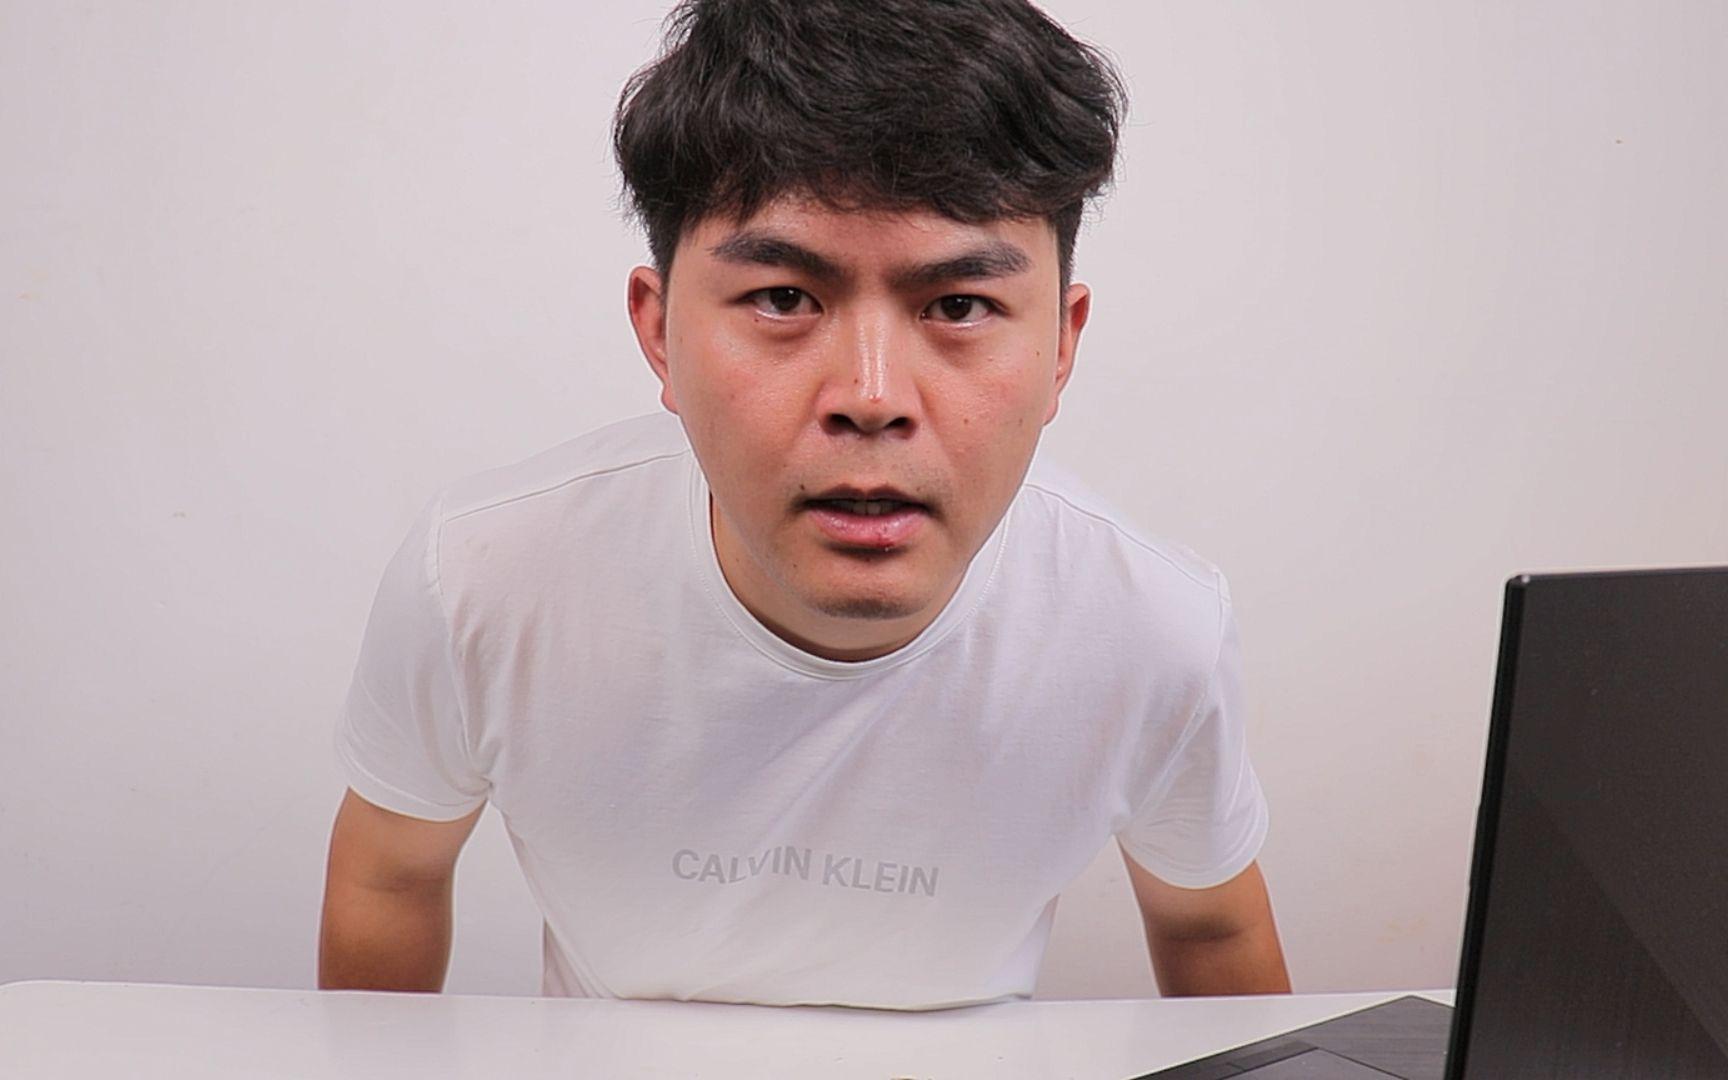 小翔哥是世界上最帅的男人